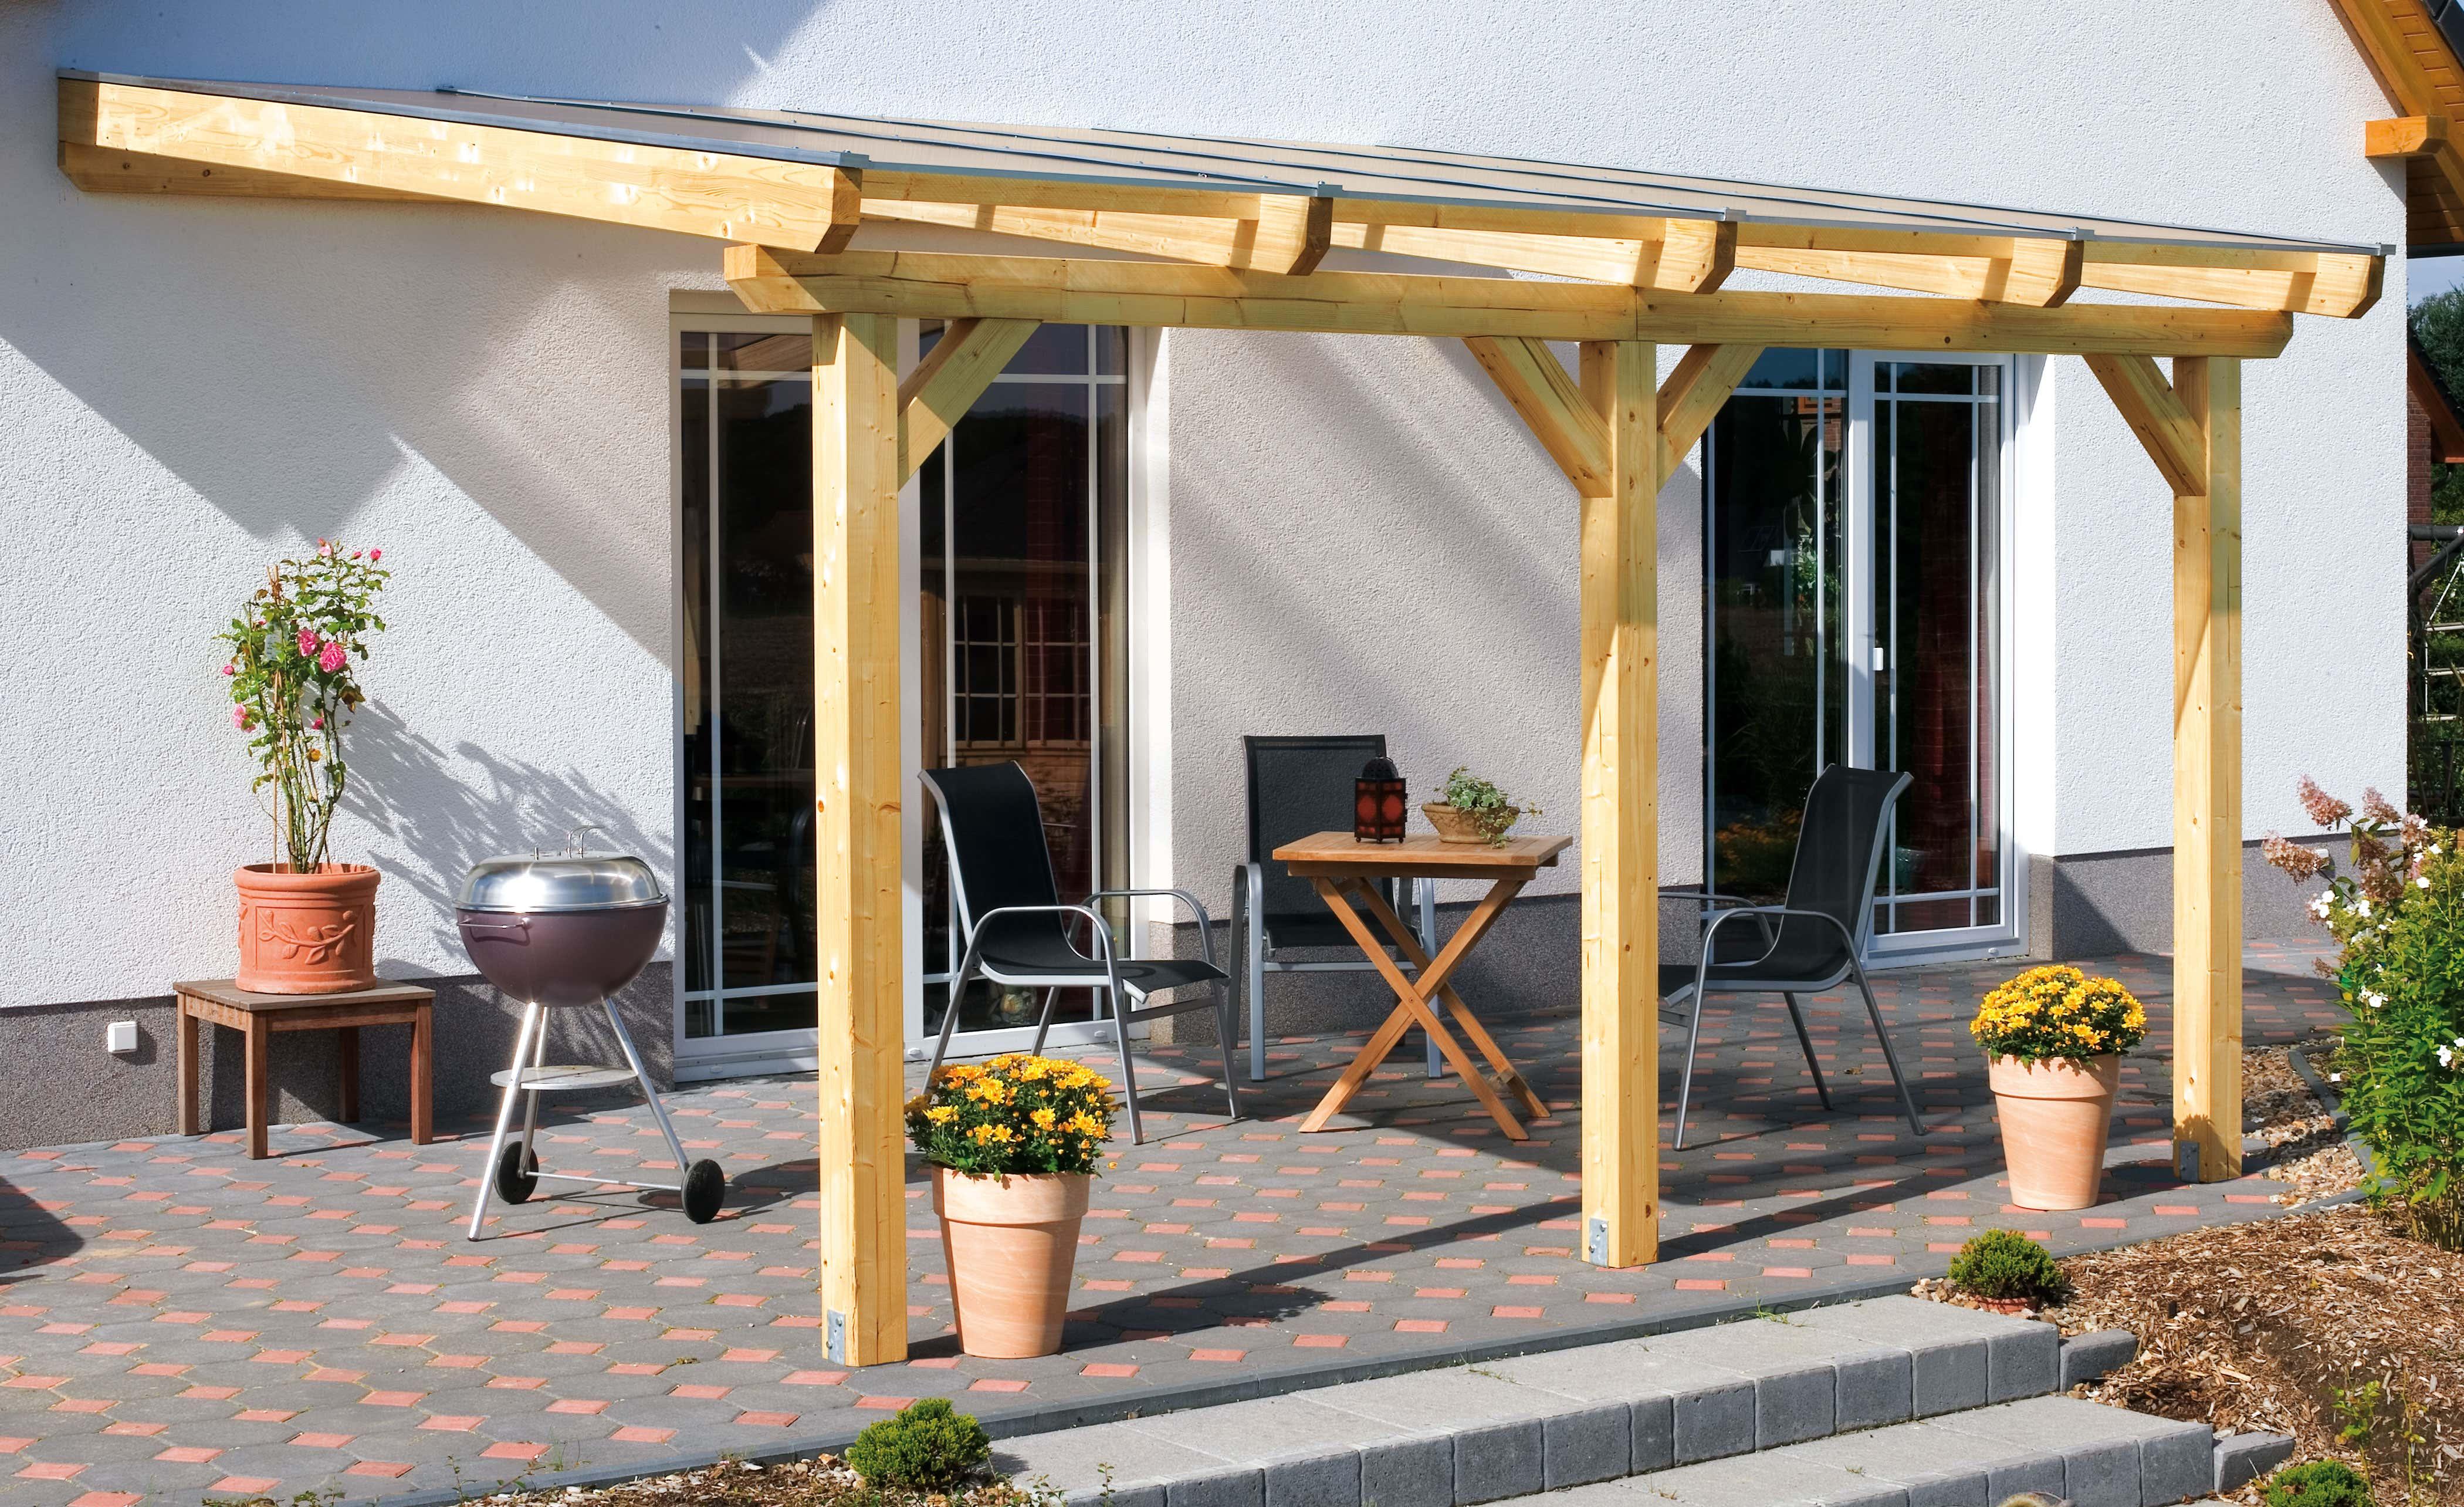 aufbau einer leimholz-terrassenüberdachung, Moderne